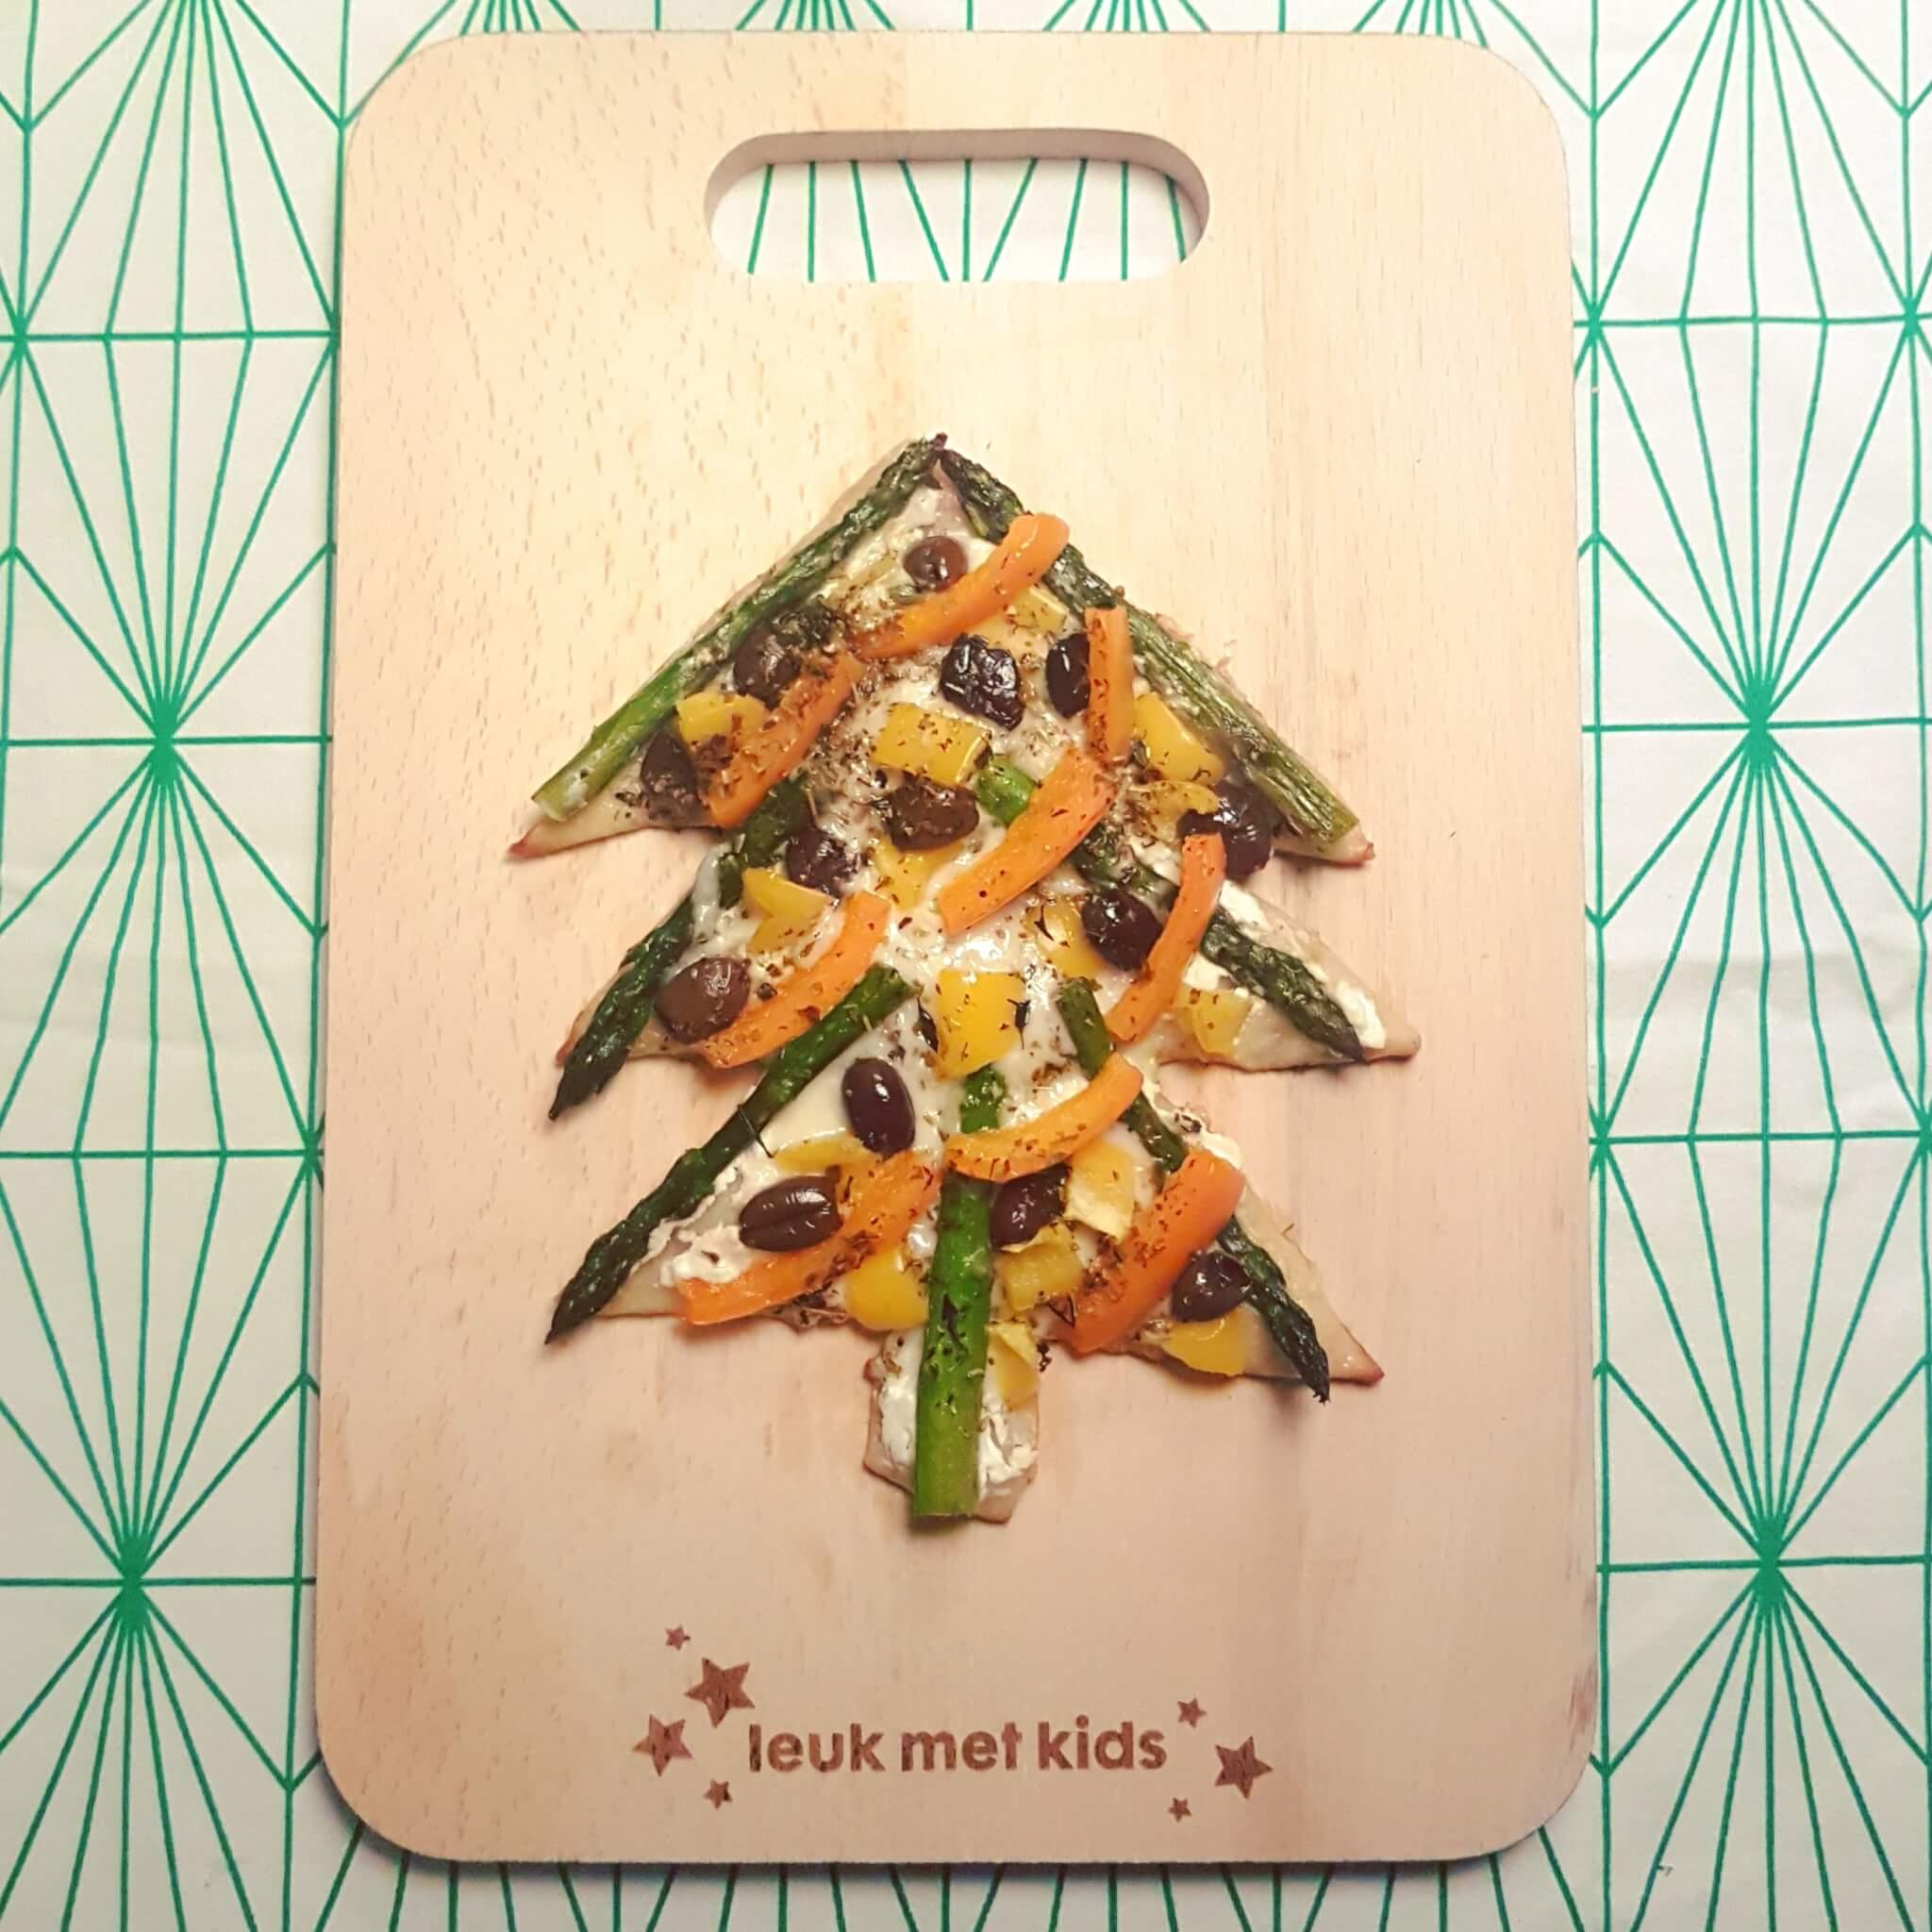 De leukste kindvriendelijke recepten voor kerstdiner en kerstontbijt - op school en thuis - pizza kerstboom